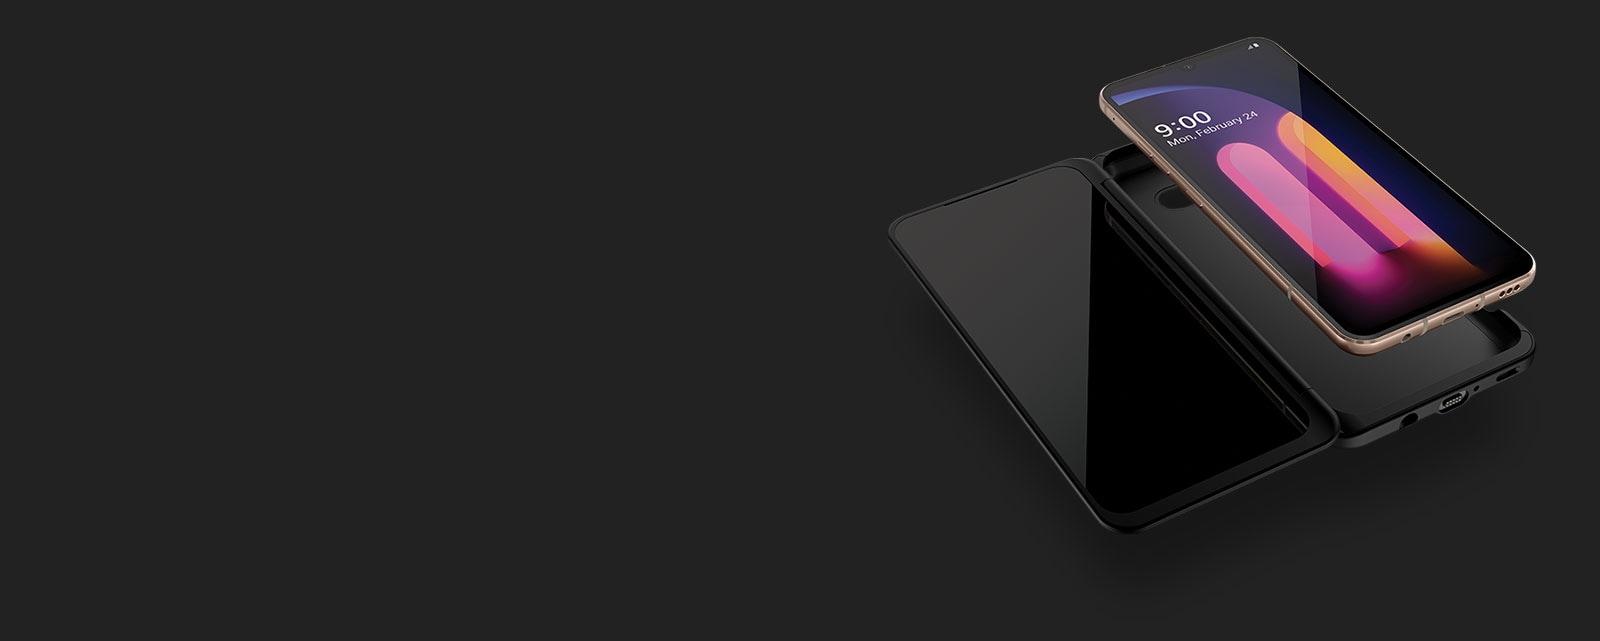 Imagen del teléfono LG V60 ThinQ ™ 5G separado de LG Dual Screen ™